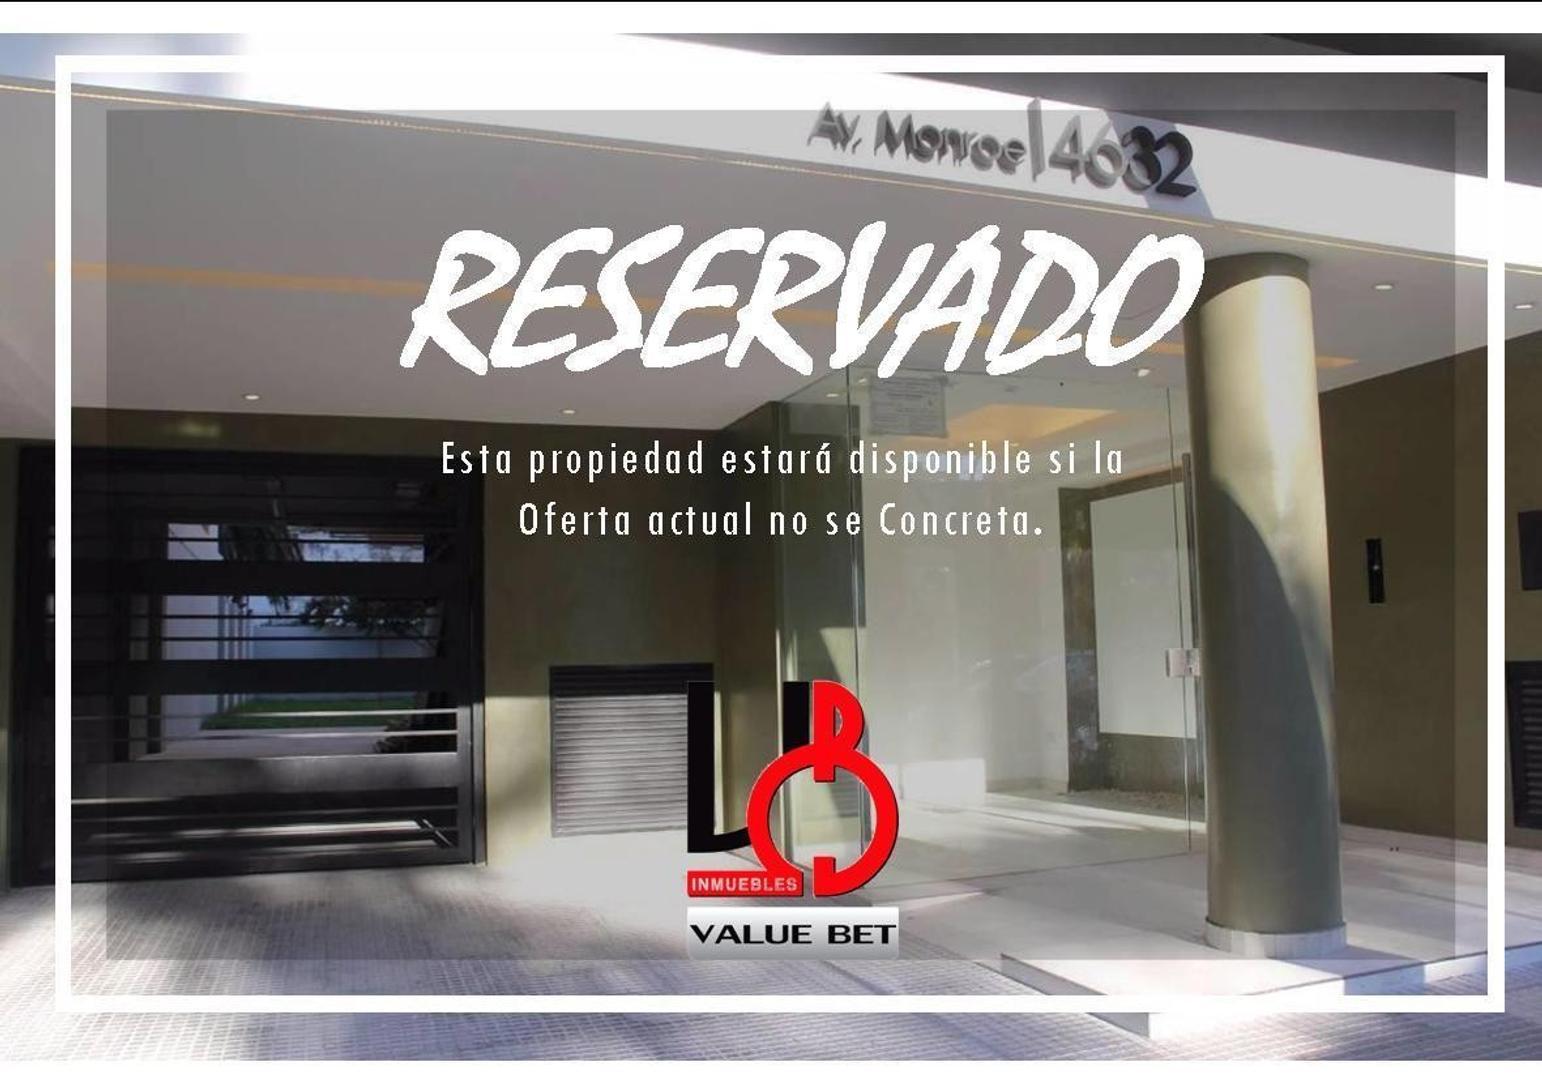 AV MONROE AL 4600- EDIFICIO DISEÑO VIII - BELGRANO - CABA - RESERVADO!!